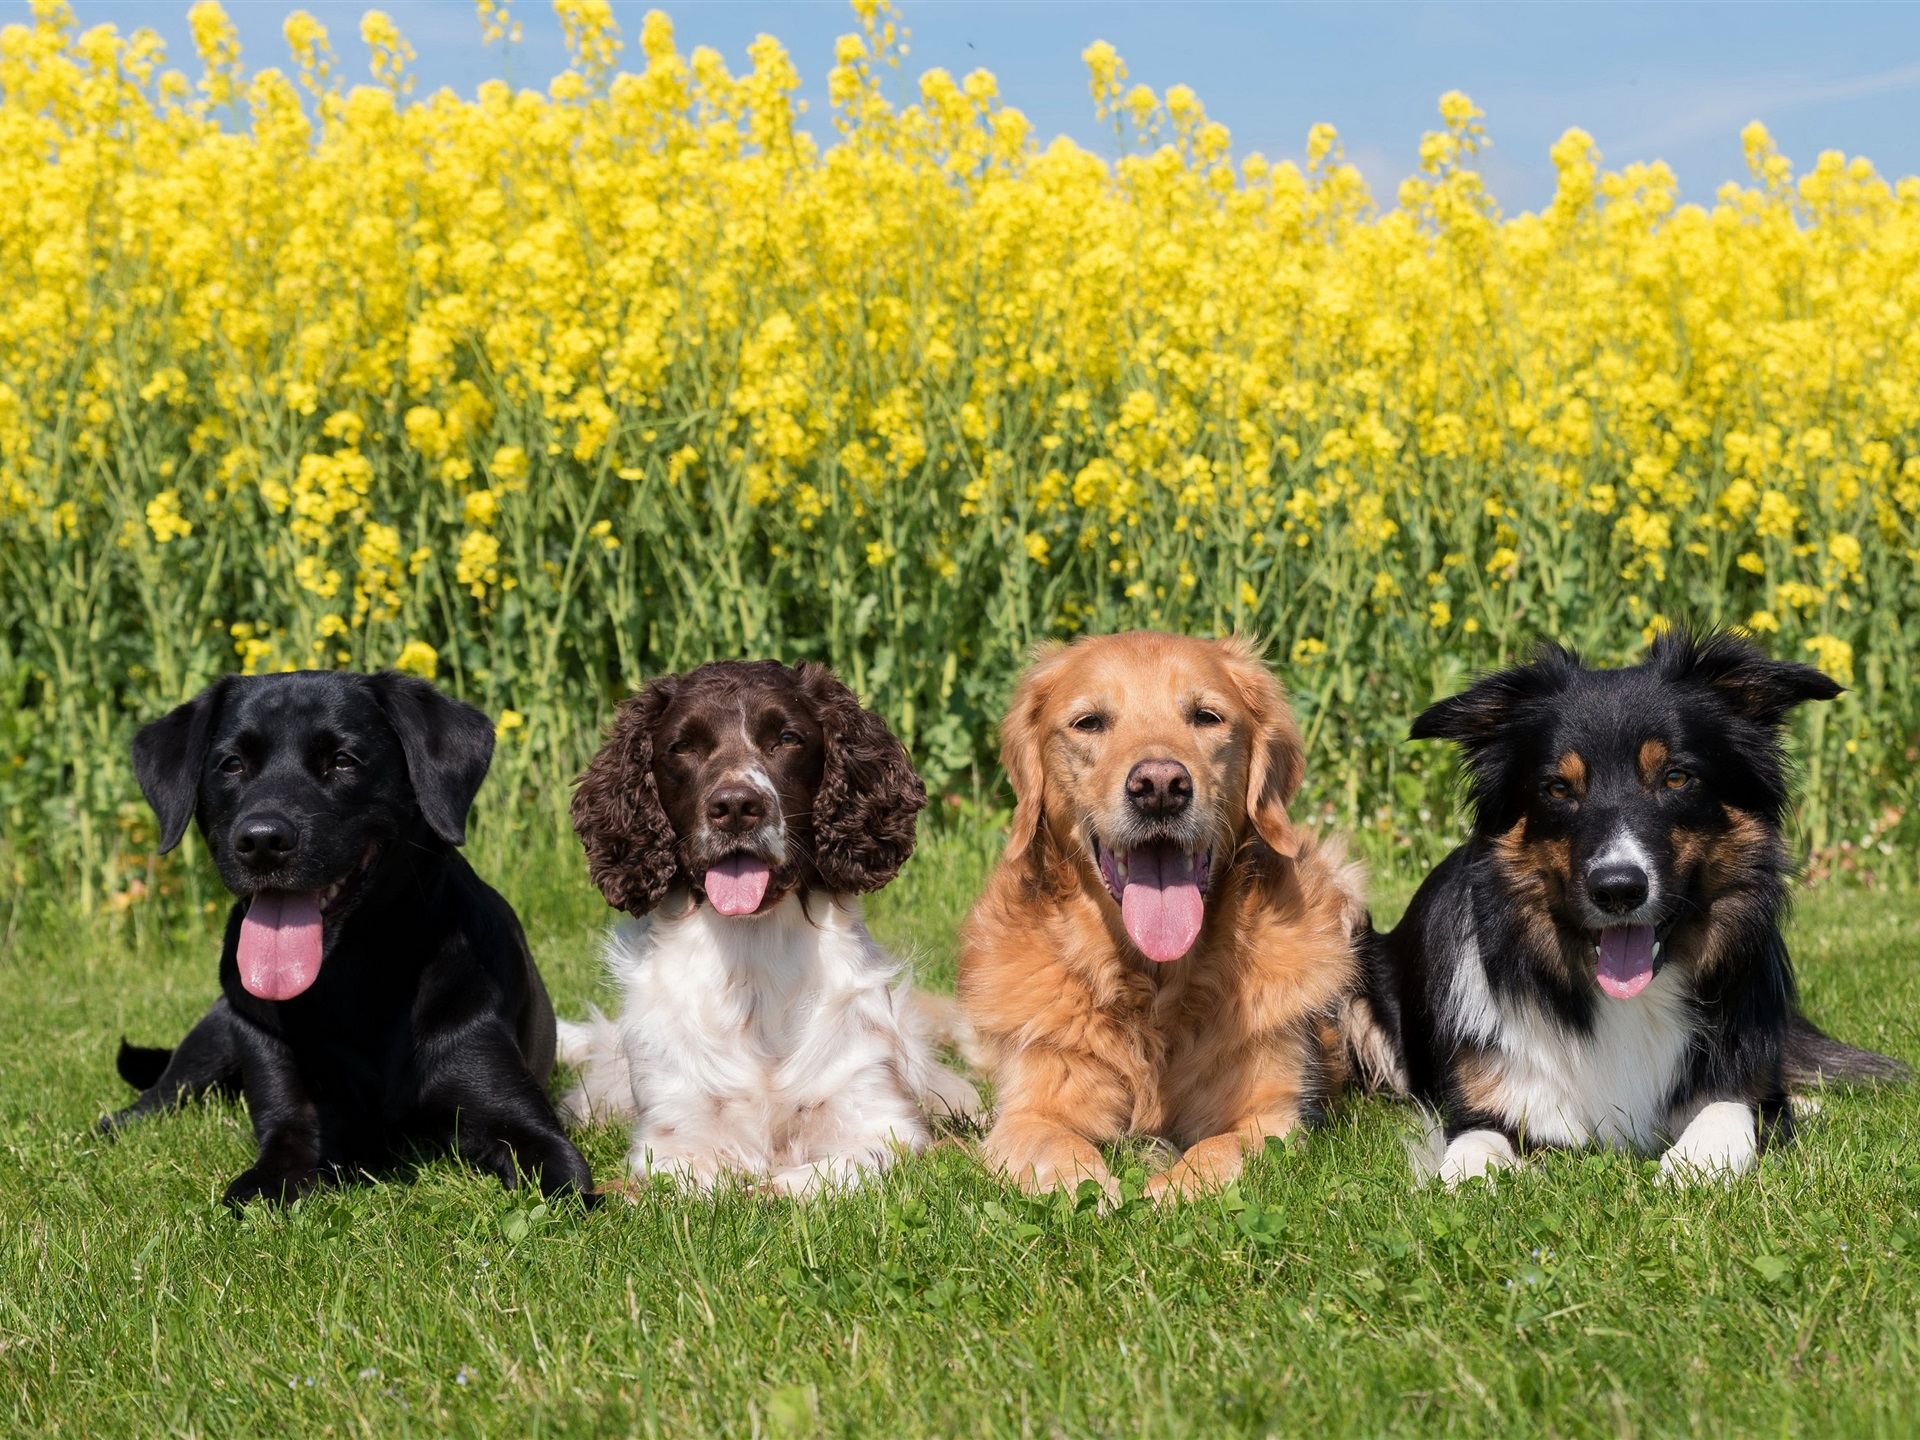 модницы картинки собак разных пород вместе приобрести